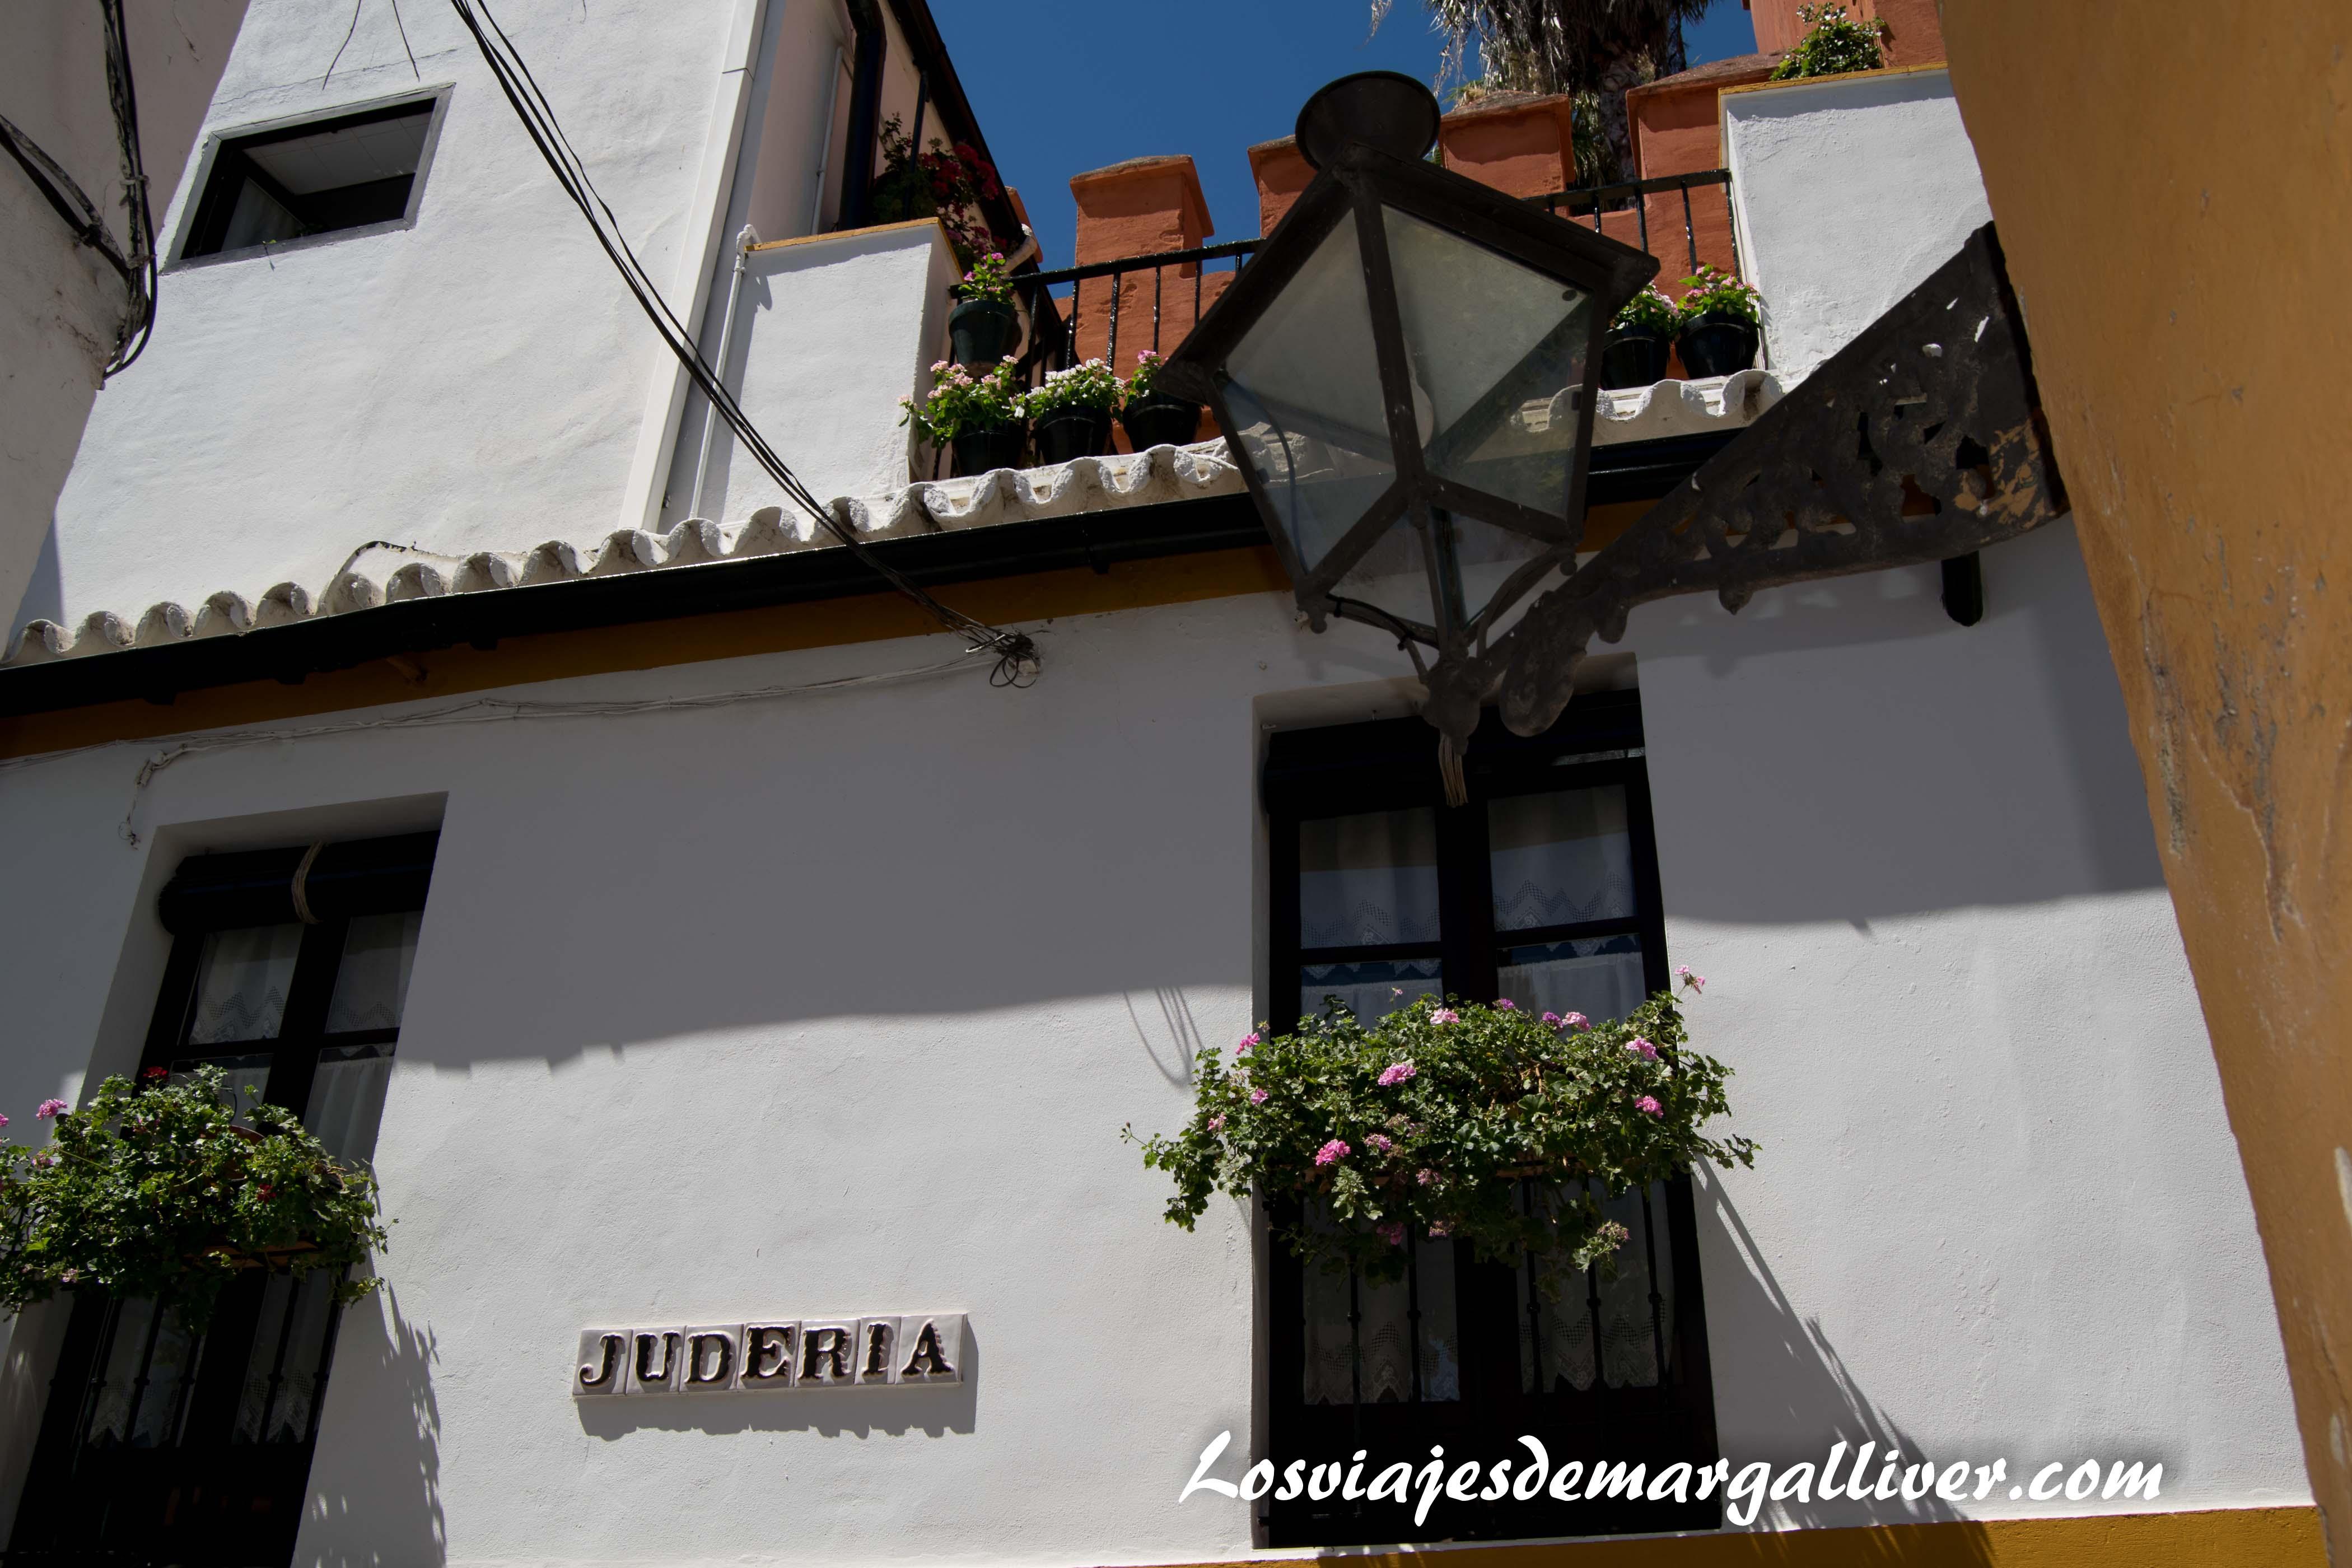 camino por la judería de Sevilla, San Valentín - Los viajes de Margalliver